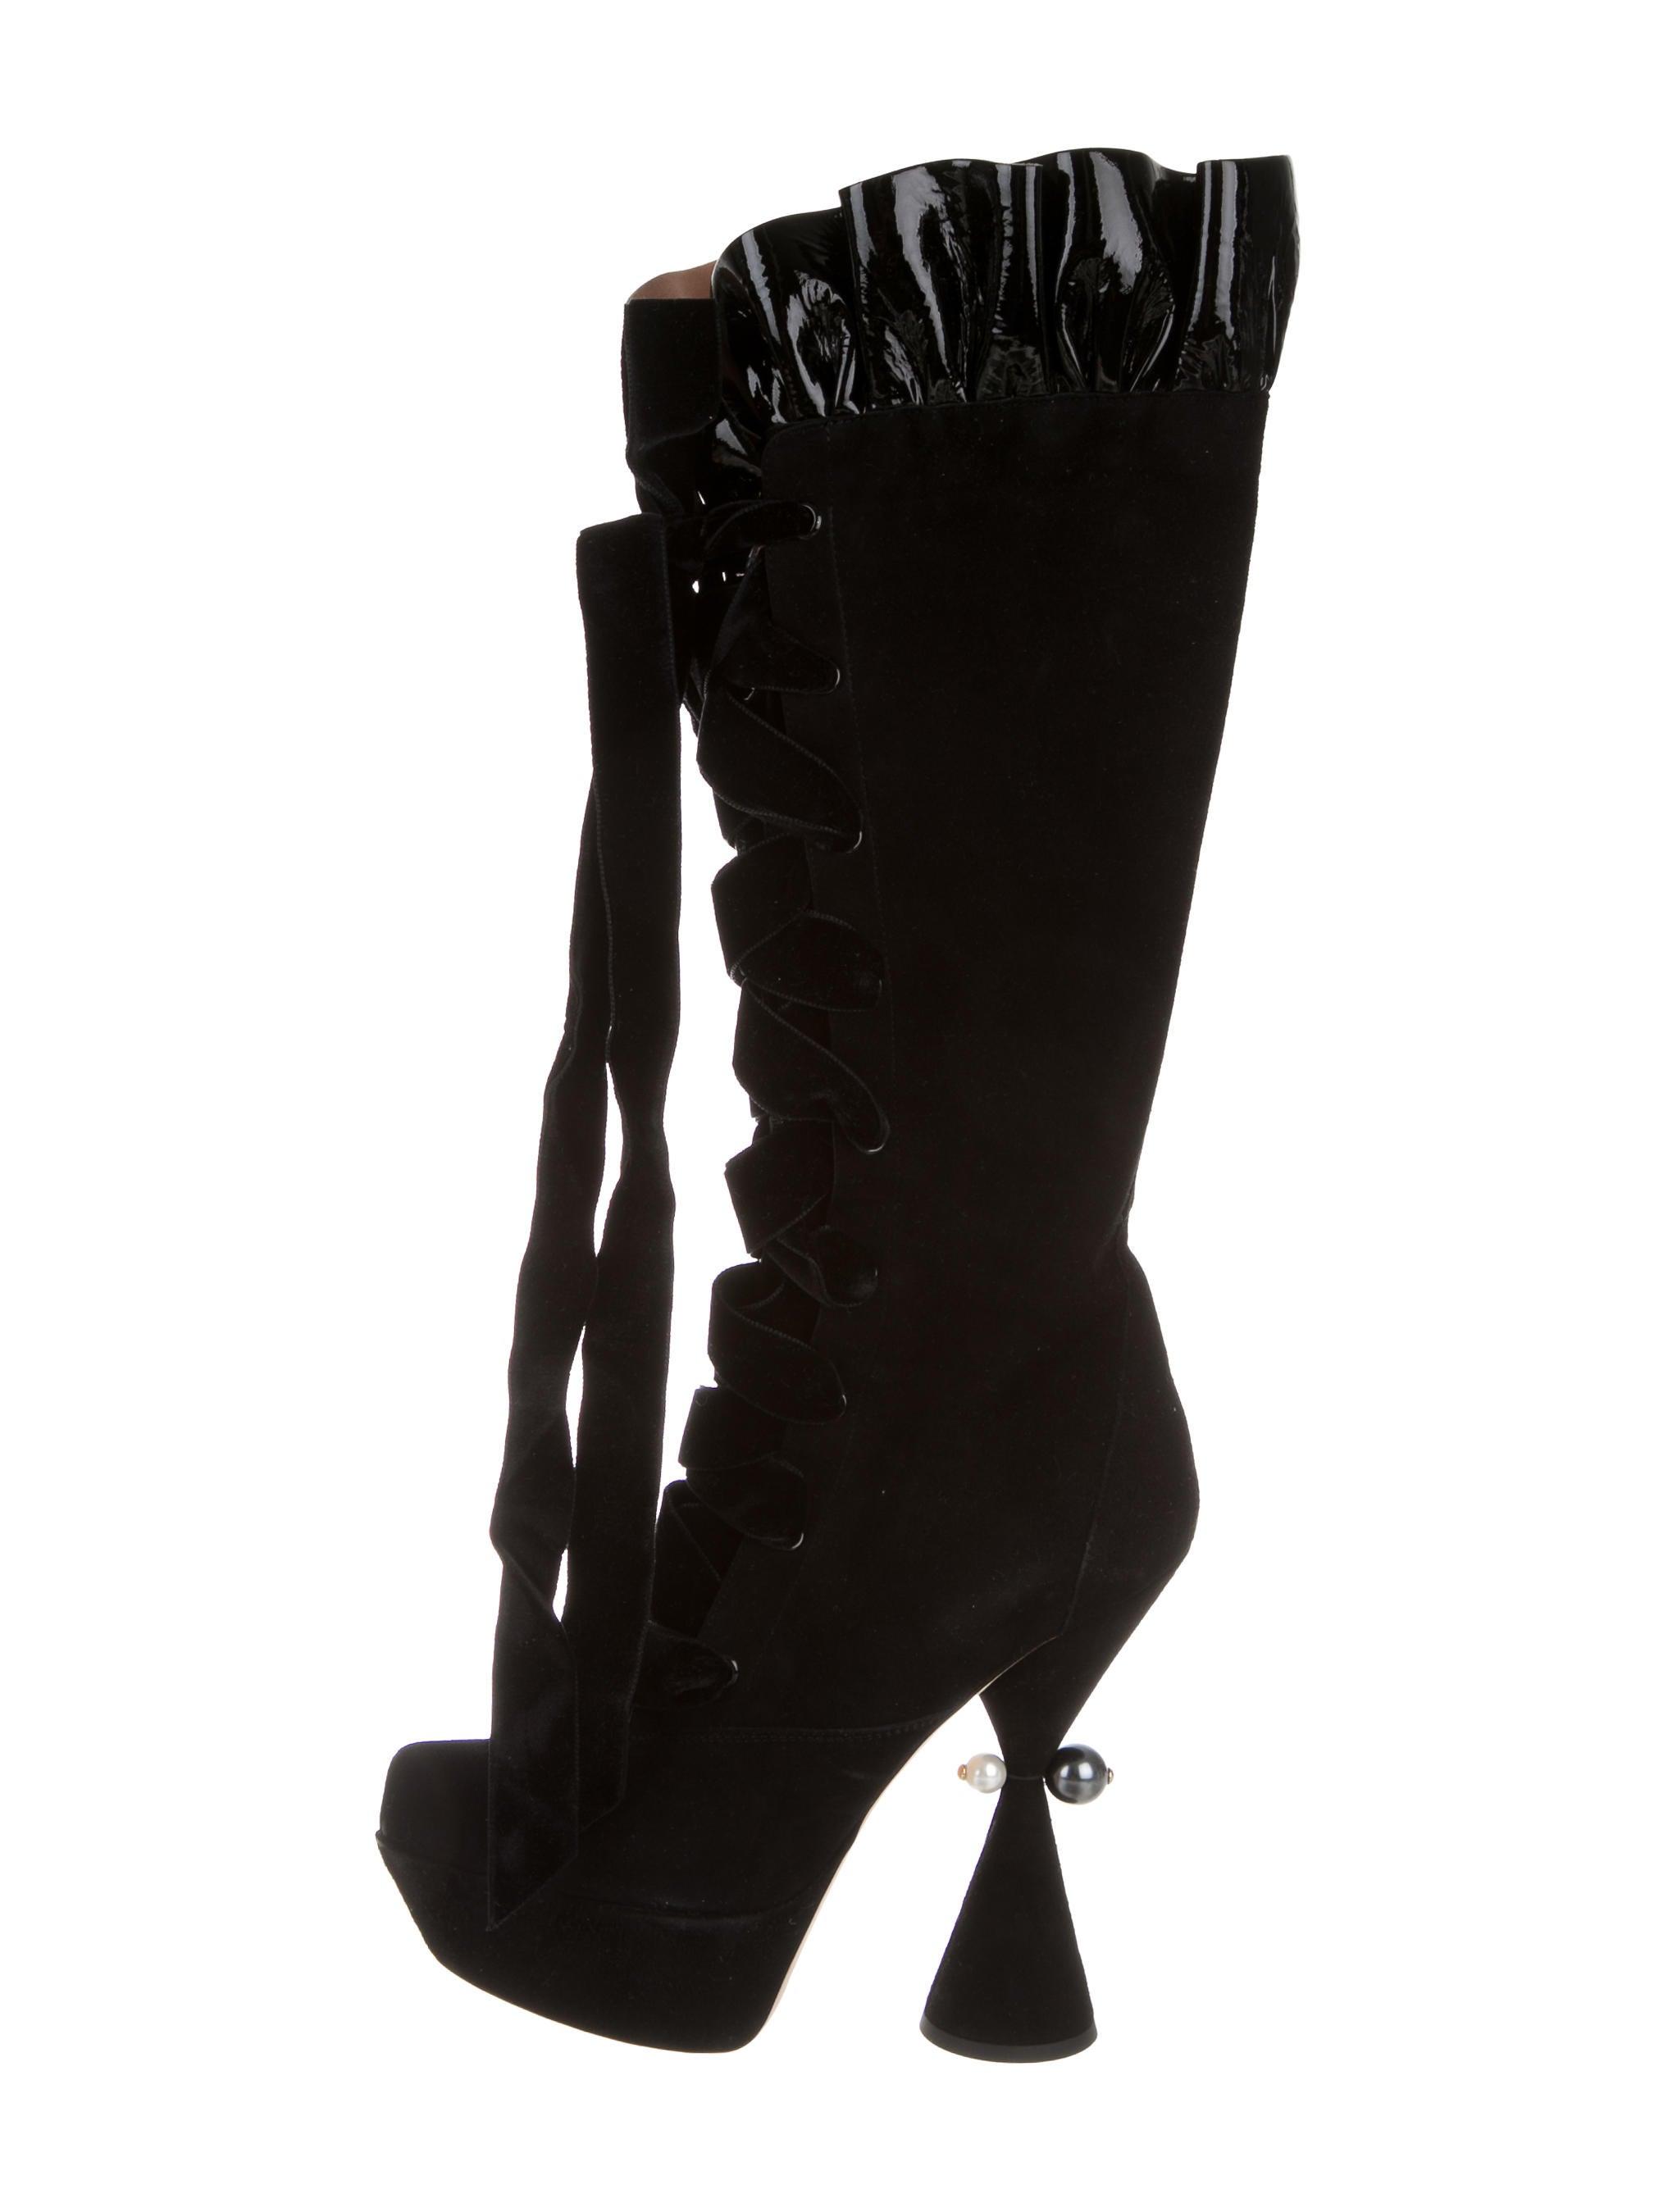 ee4a2f361d2 Louis Vuitton Suede Cancan Boots - Shoes - LOU108736